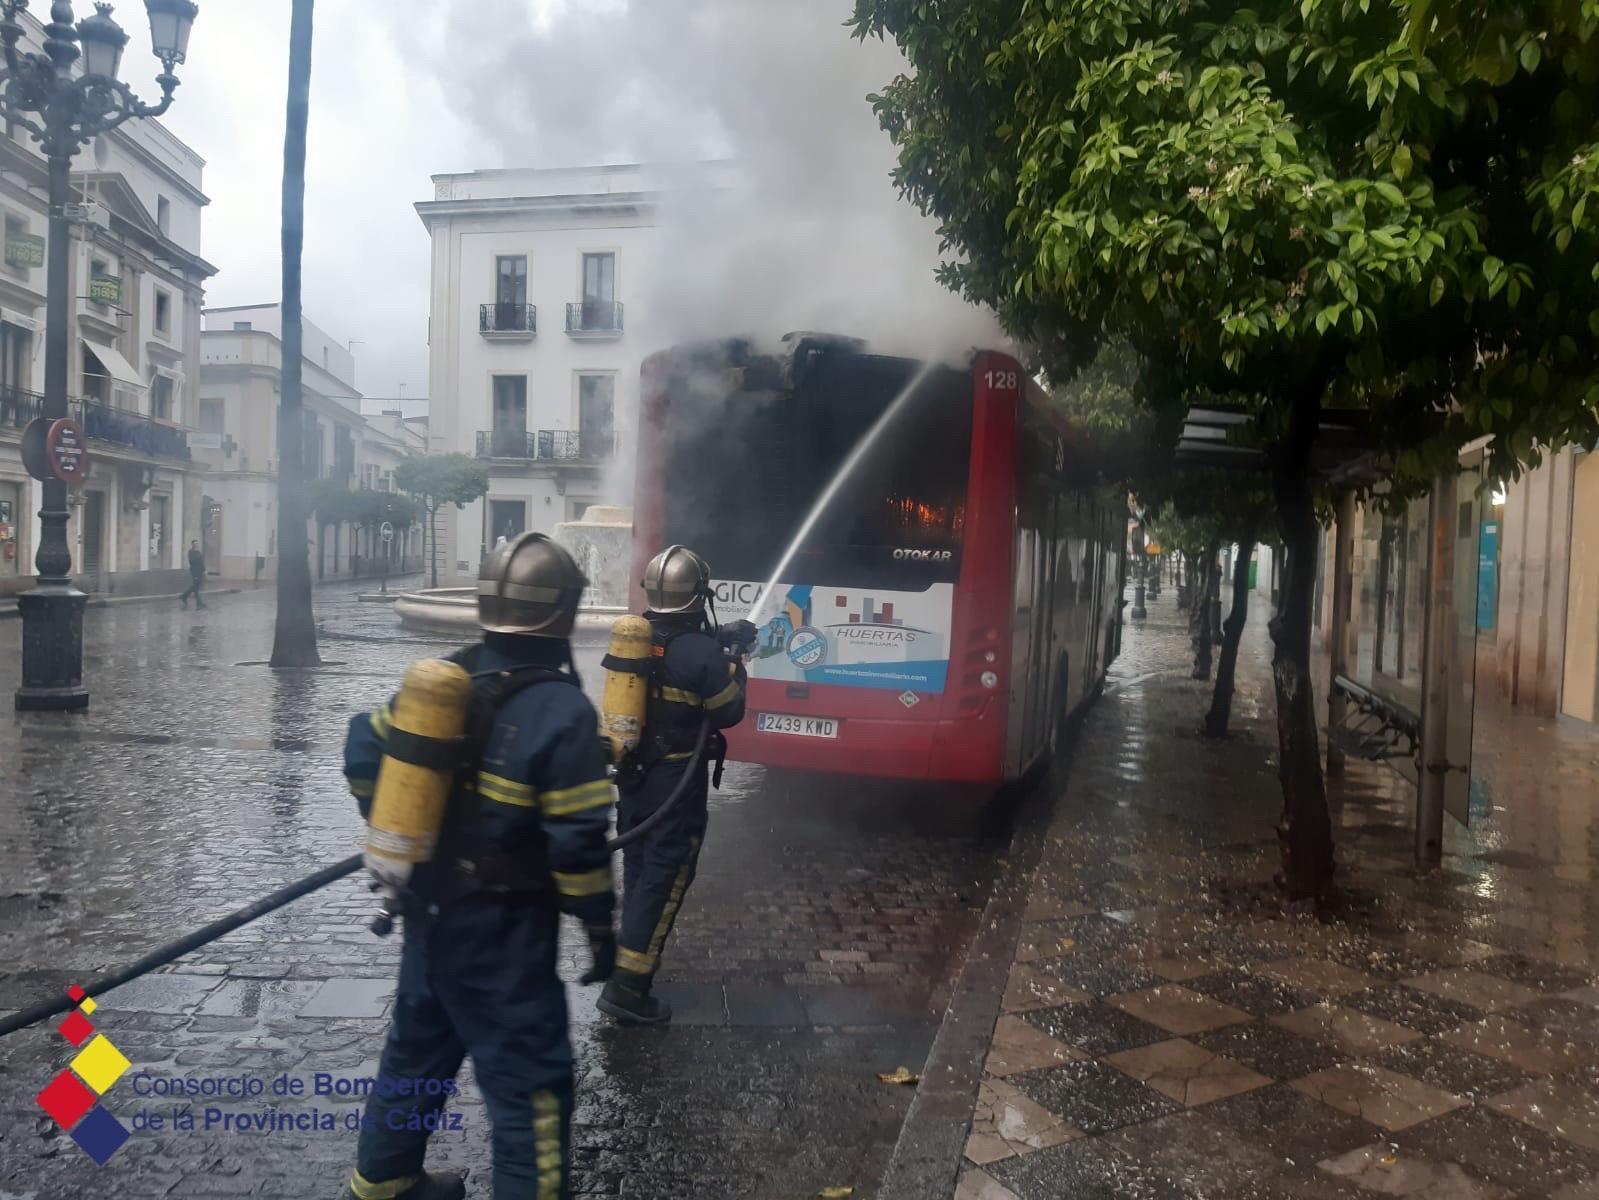 El Ayuntamiento reclama 420.000 euros al proveedor de los autobuses urbanos turcos por venir defectuosos